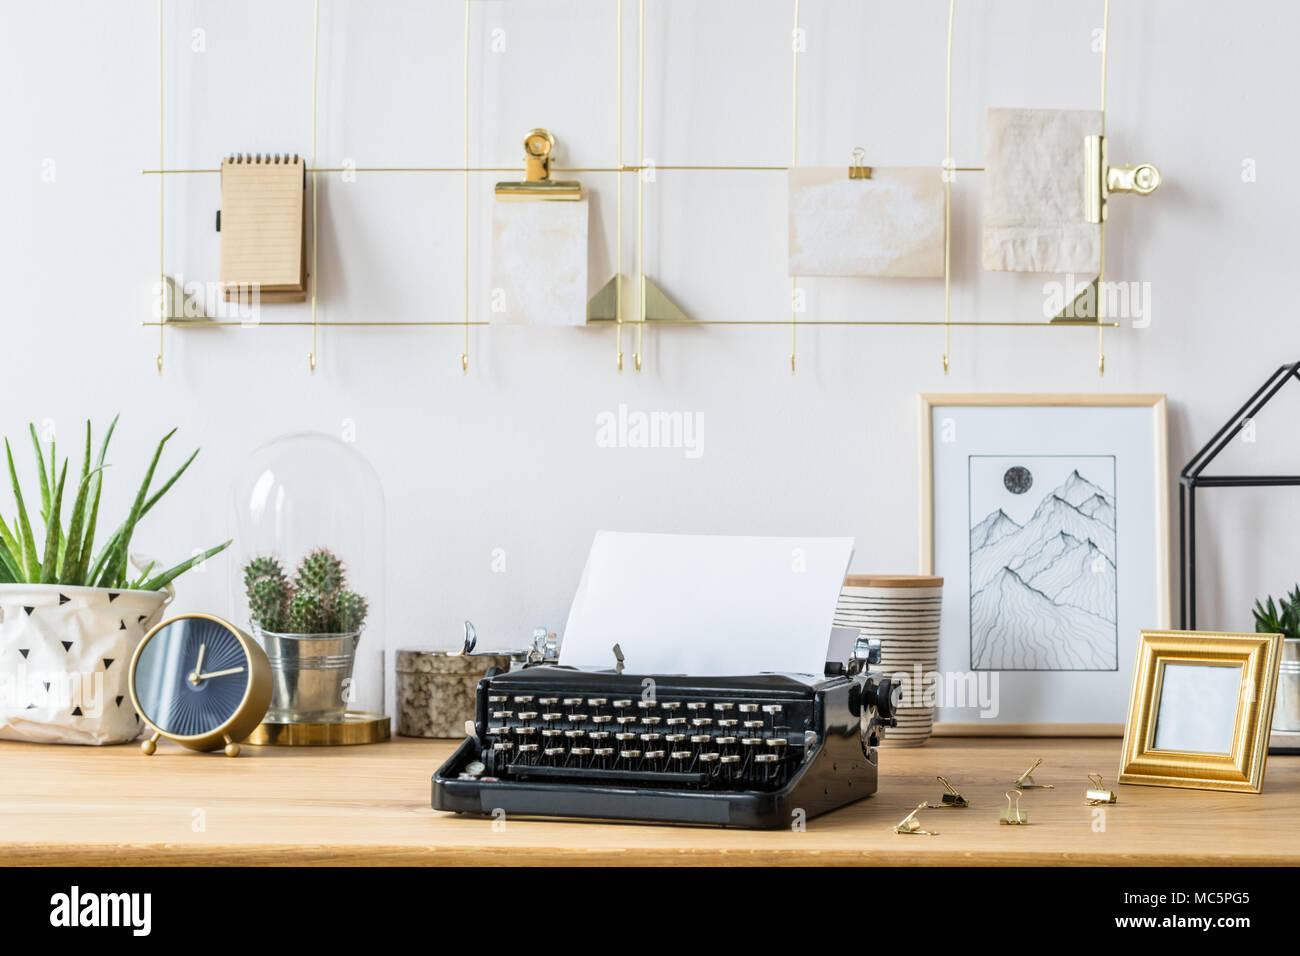 Un cadre doré organisateur sur un mur blanc au dessus dun bureau